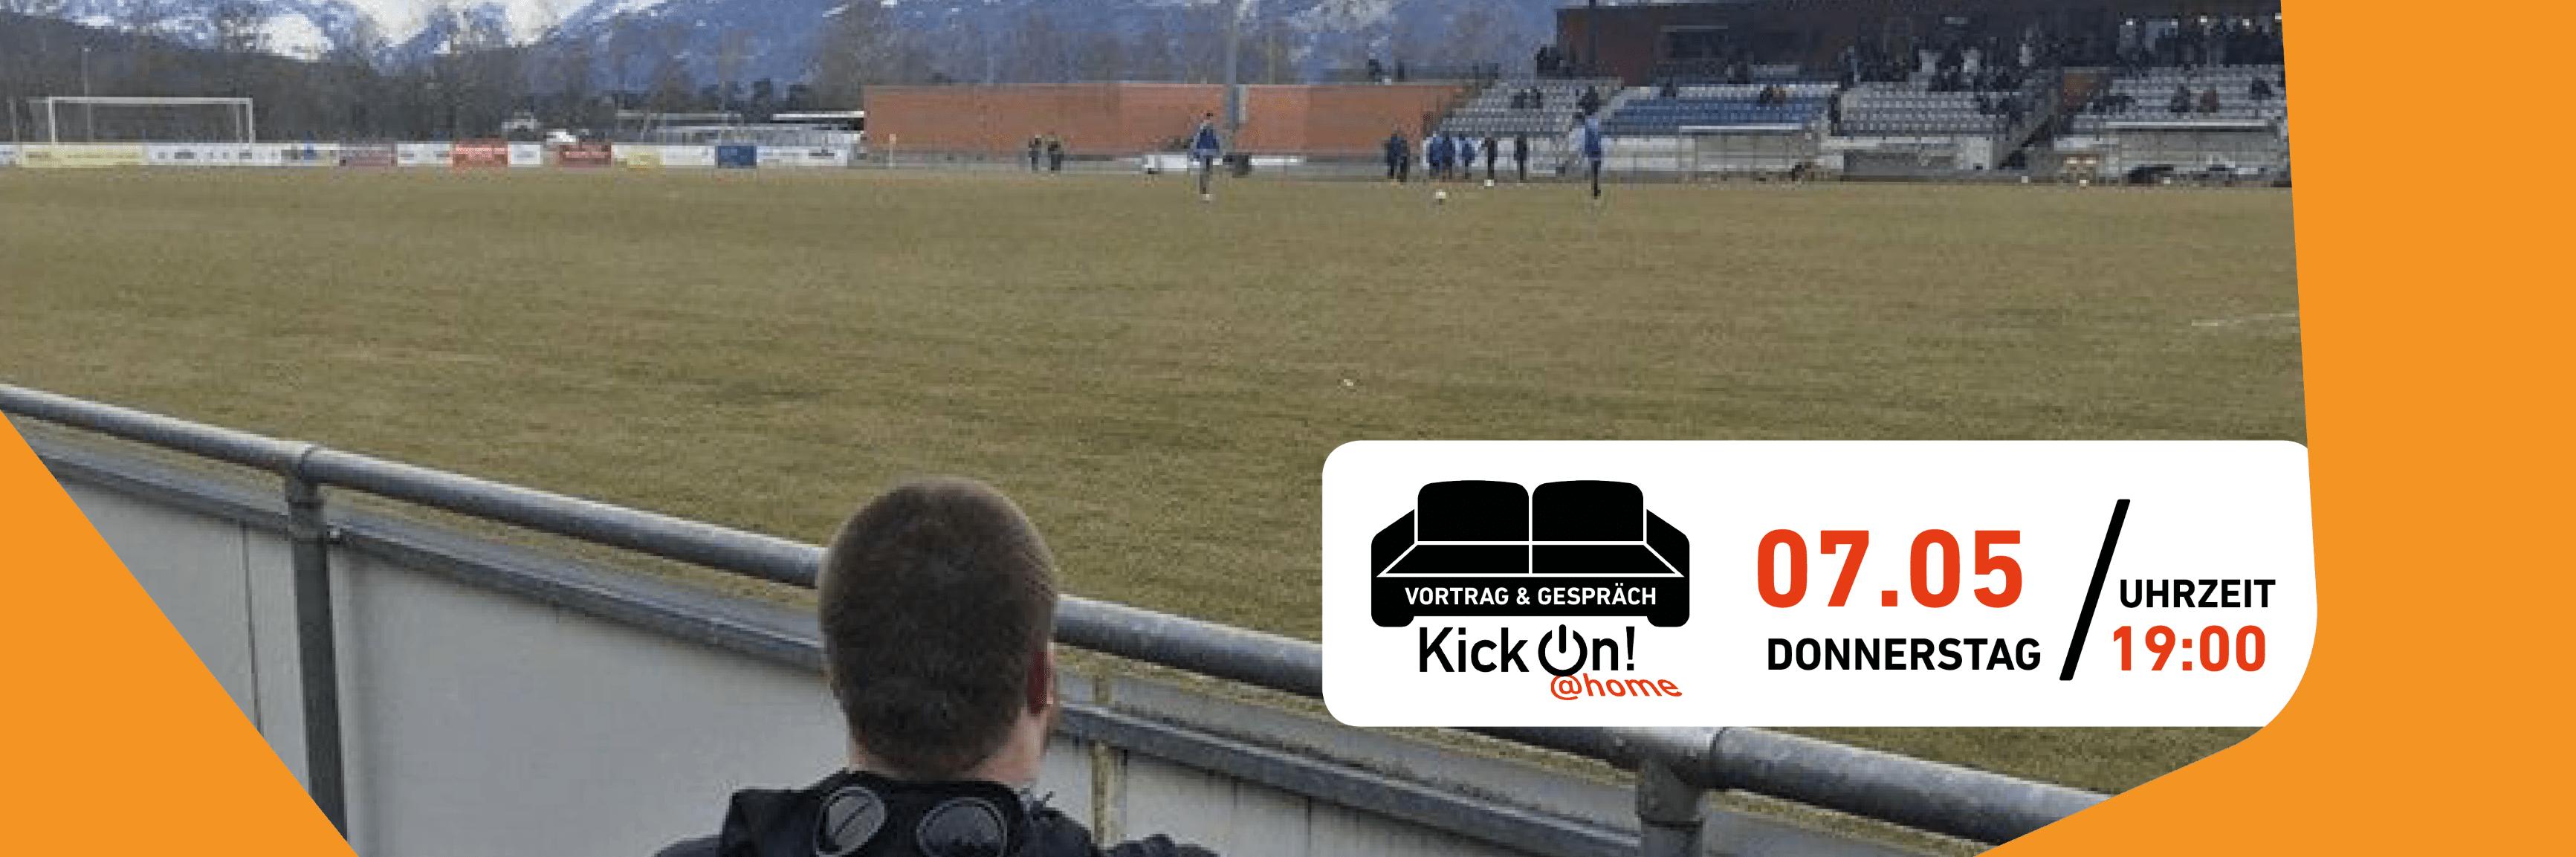 Ein Rollstuhlfahrer hinten fotografiert. Er guckt in ein kleines Stadion. In dem Bild befindet sich ein weißer Infokasten mit den Informationen zu der Veranstaltung und einem schwarzen Sofa. Unterhalb des Sofas steht KickOn at home.